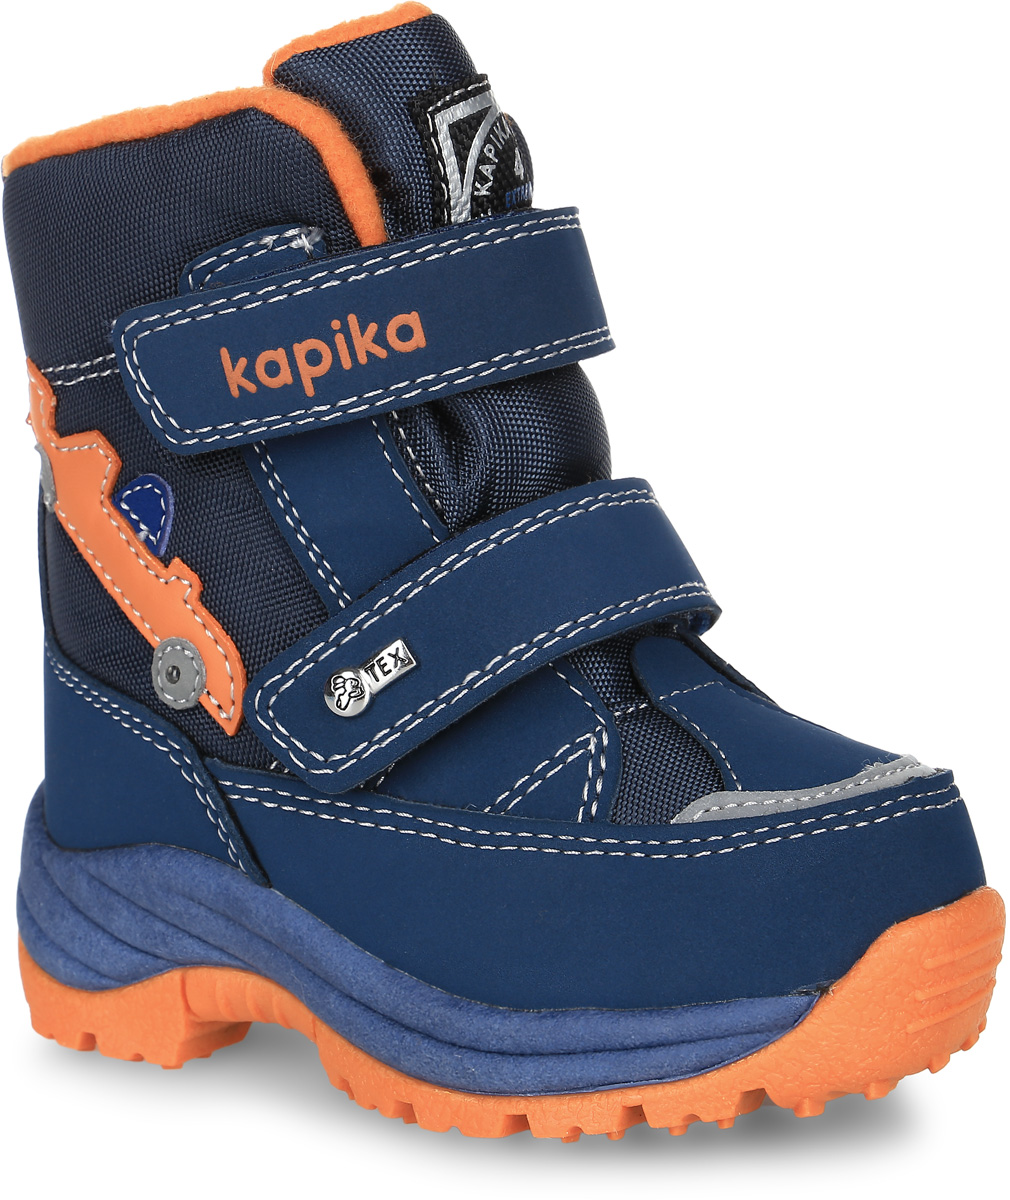 Ботинки для мальчика Kapika, цвет: темно-синий, оранжевый. 41151-2. Размер 2241151-2Ботинки от Kapika выполнены из искусственной кожи со вставками из водонепроницаемого текстиля. Боковая сторона оформлена аппликацией в виде машинки. Модель на застежках-липучках. Подкладка и стелька изготовлены из шерстяного меха и текстиля, а также имеется прослойка из мембранных материалов. Подошва из полимерного термопластичного материала оснащена рифлением.